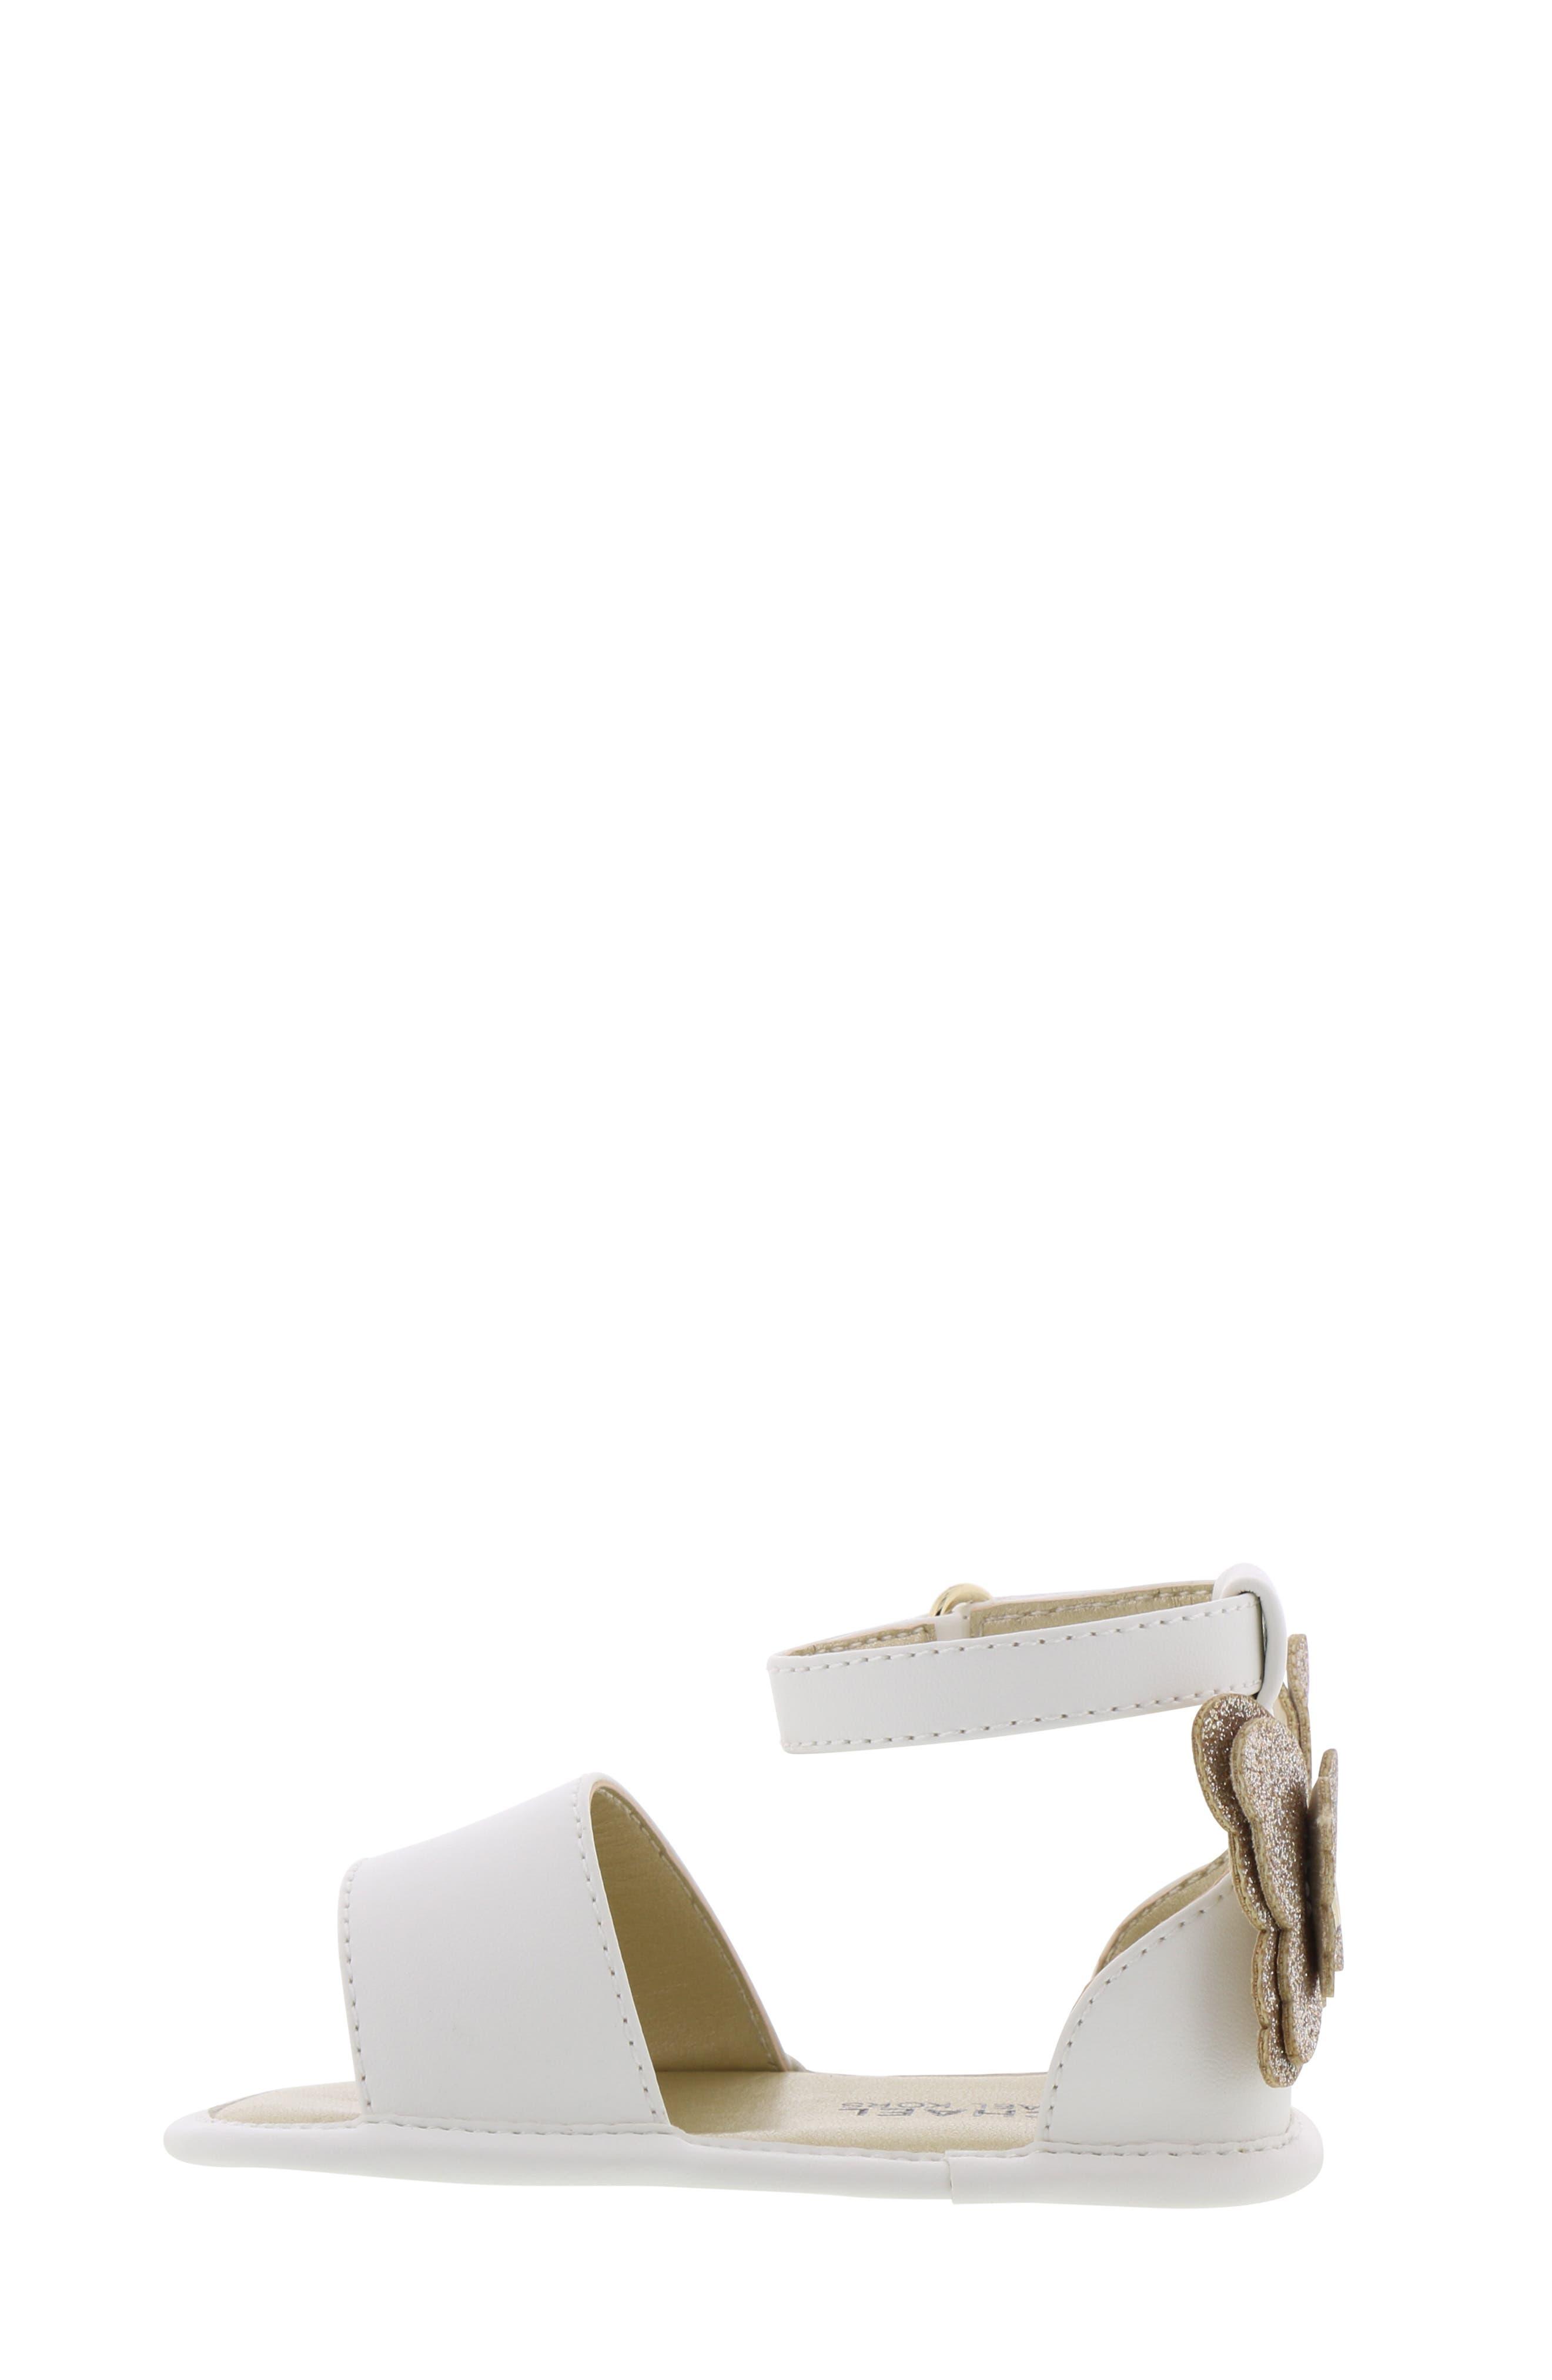 MICHAEL MICHAEL KORS, Tilly Sansa Glitter Sandal, Alternate thumbnail 8, color, WHITE